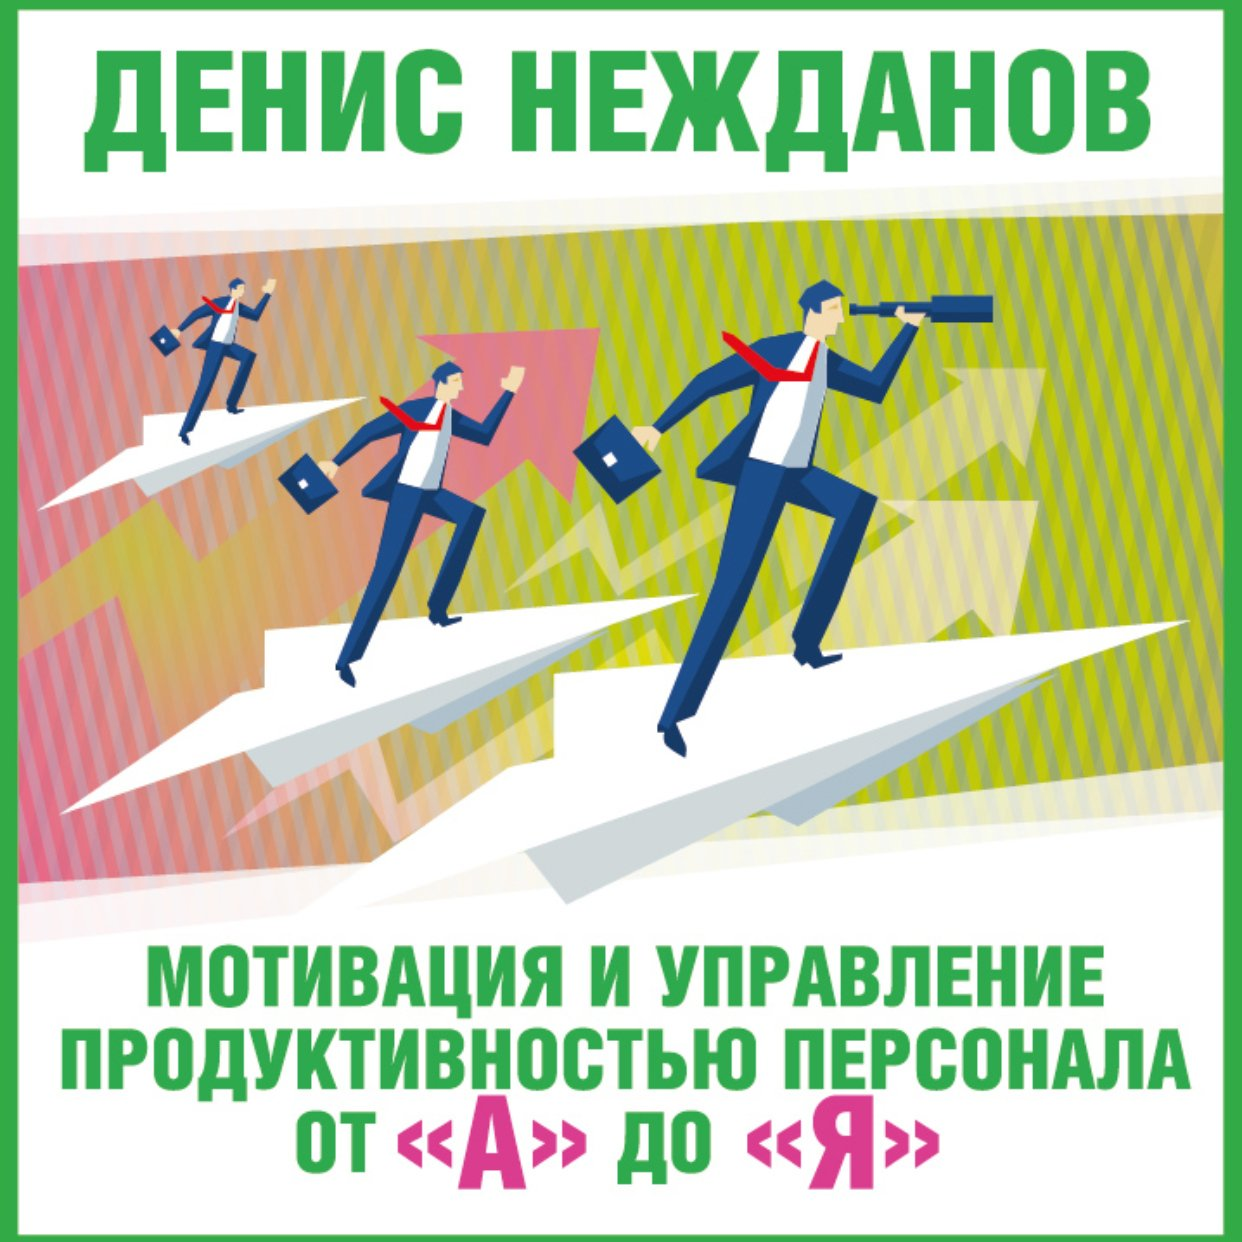 Мотивация и управление продуктивностью персонала  от «а» до «я»